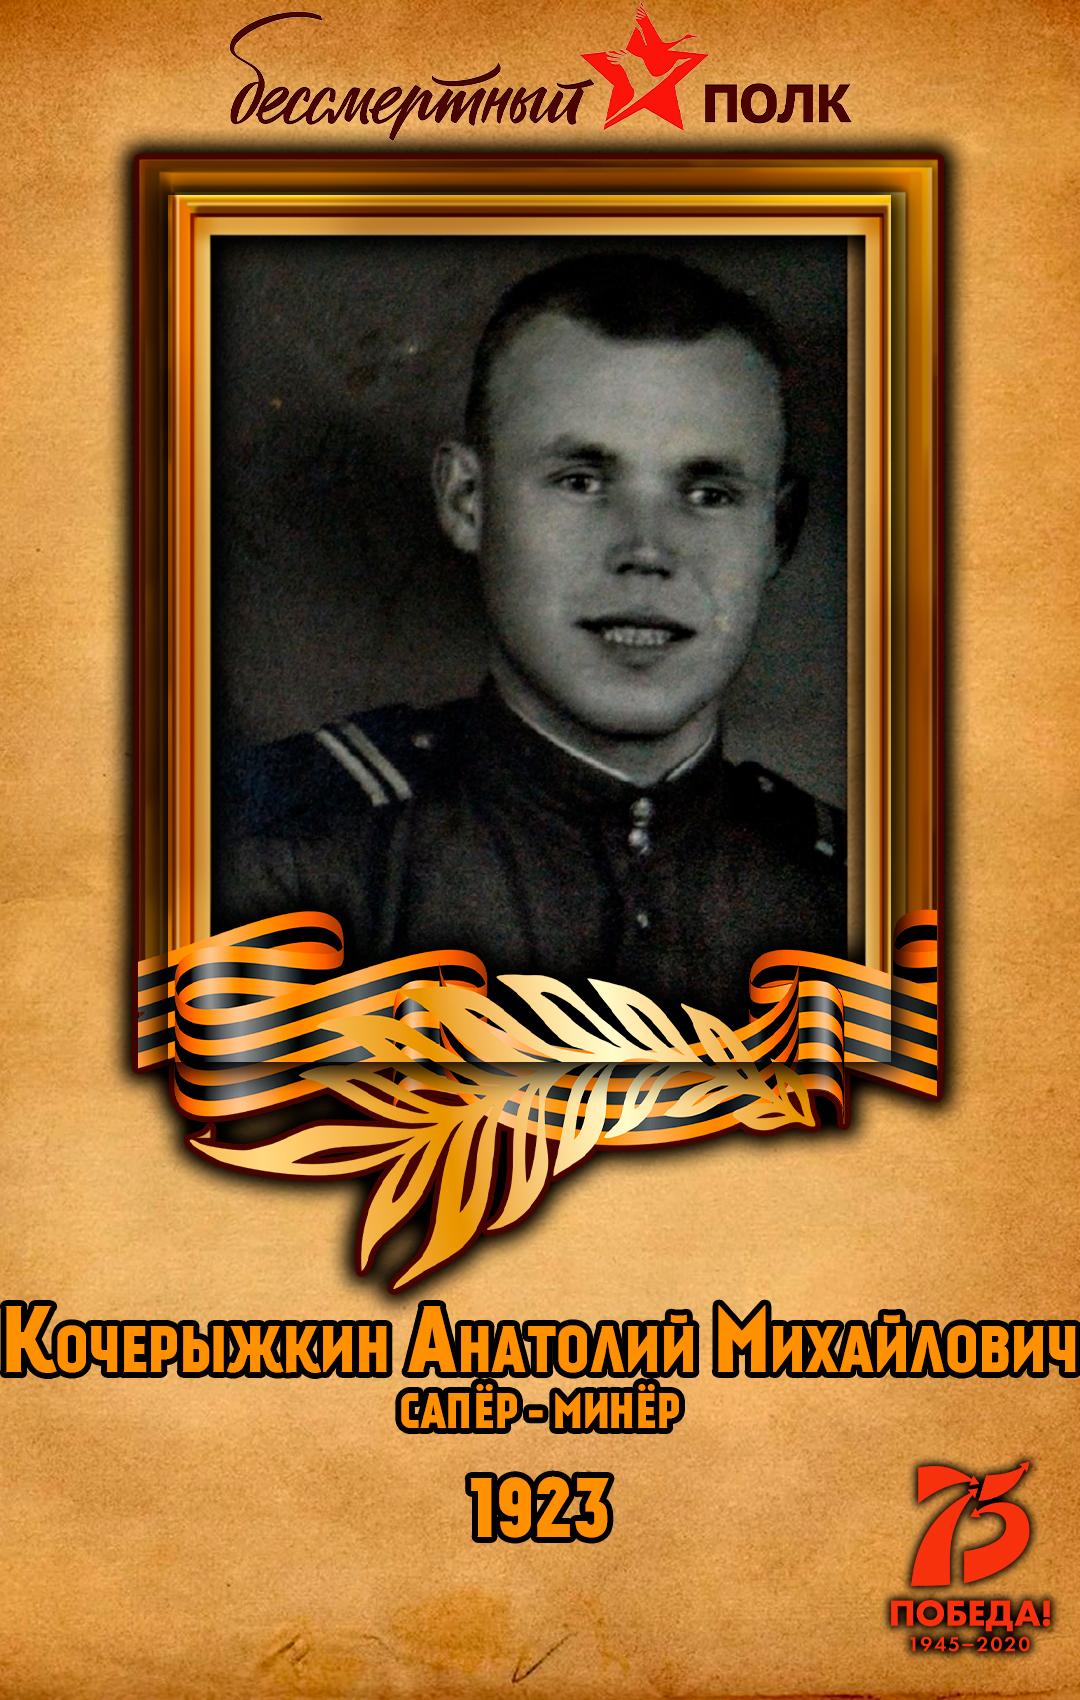 Кочерыжкин-Анатолий-Михайлович